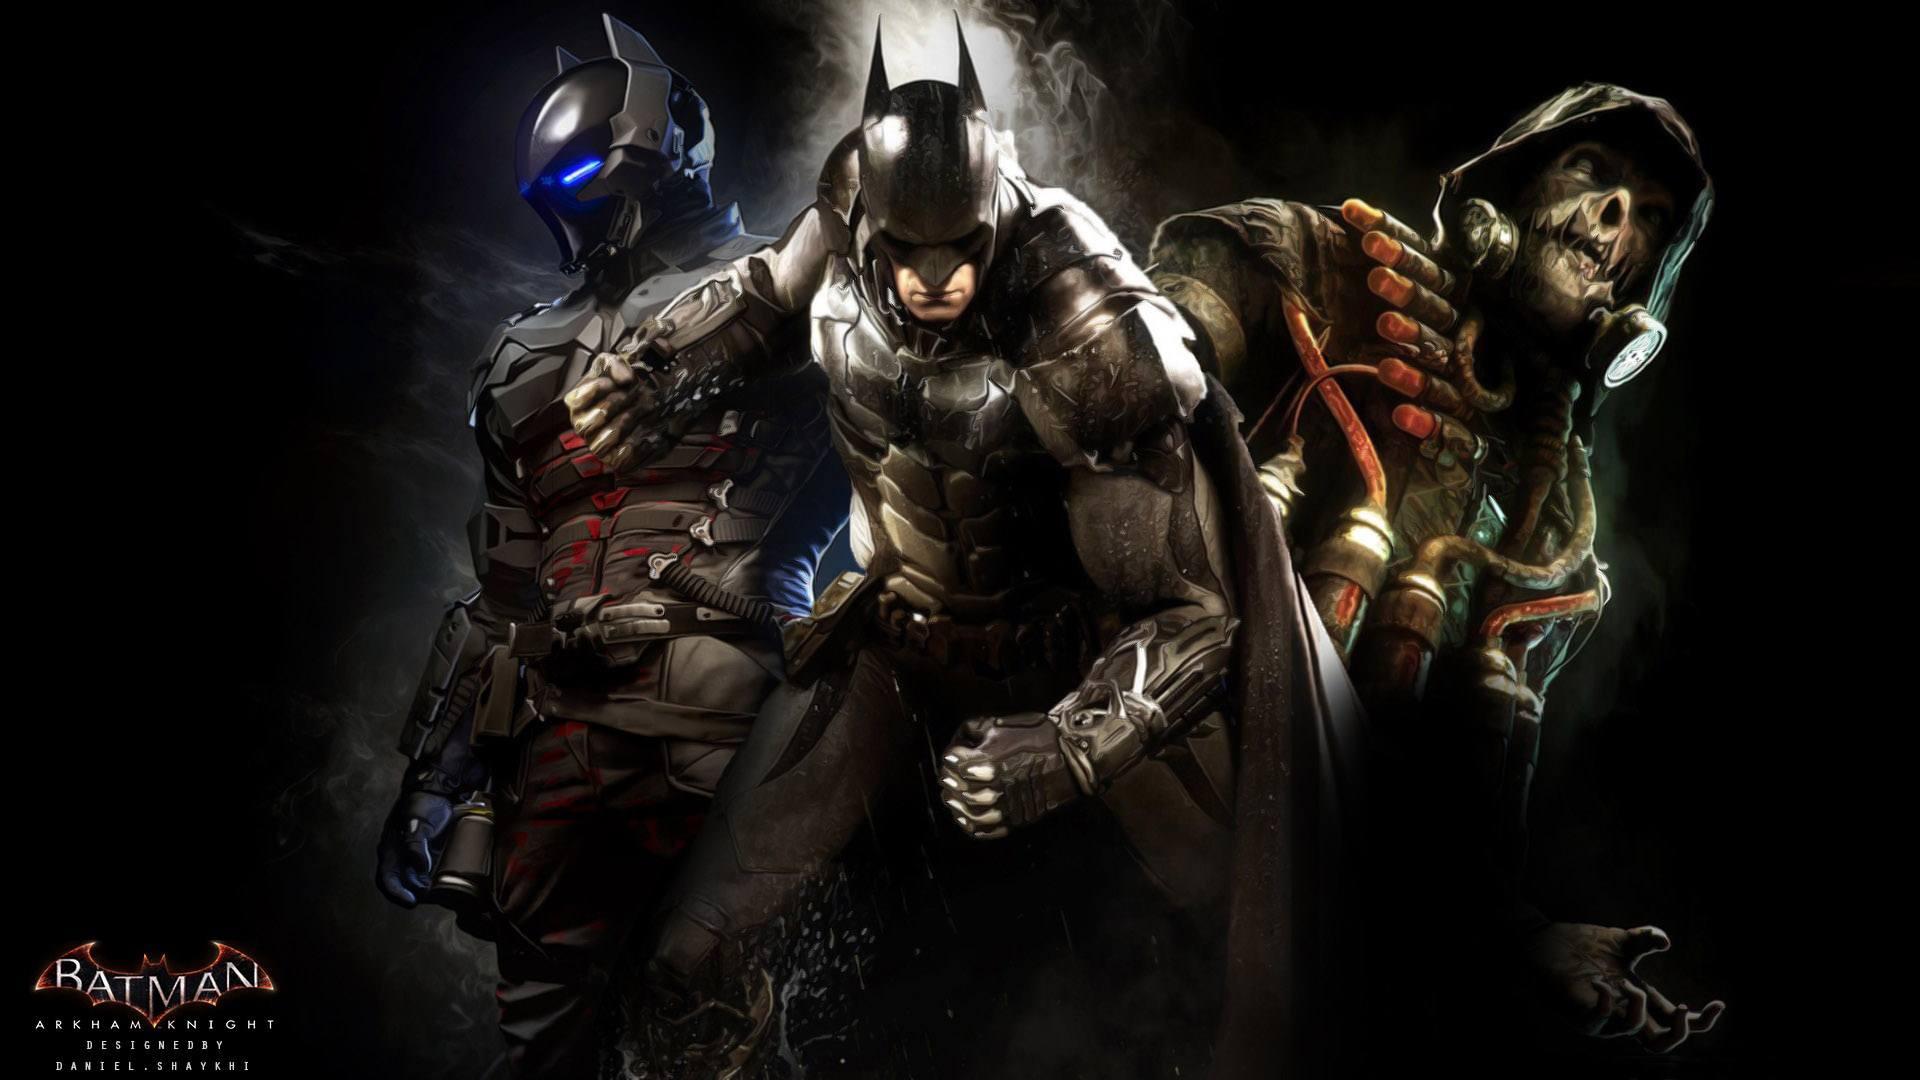 Los 10 mejores videojuegos del 2015 1